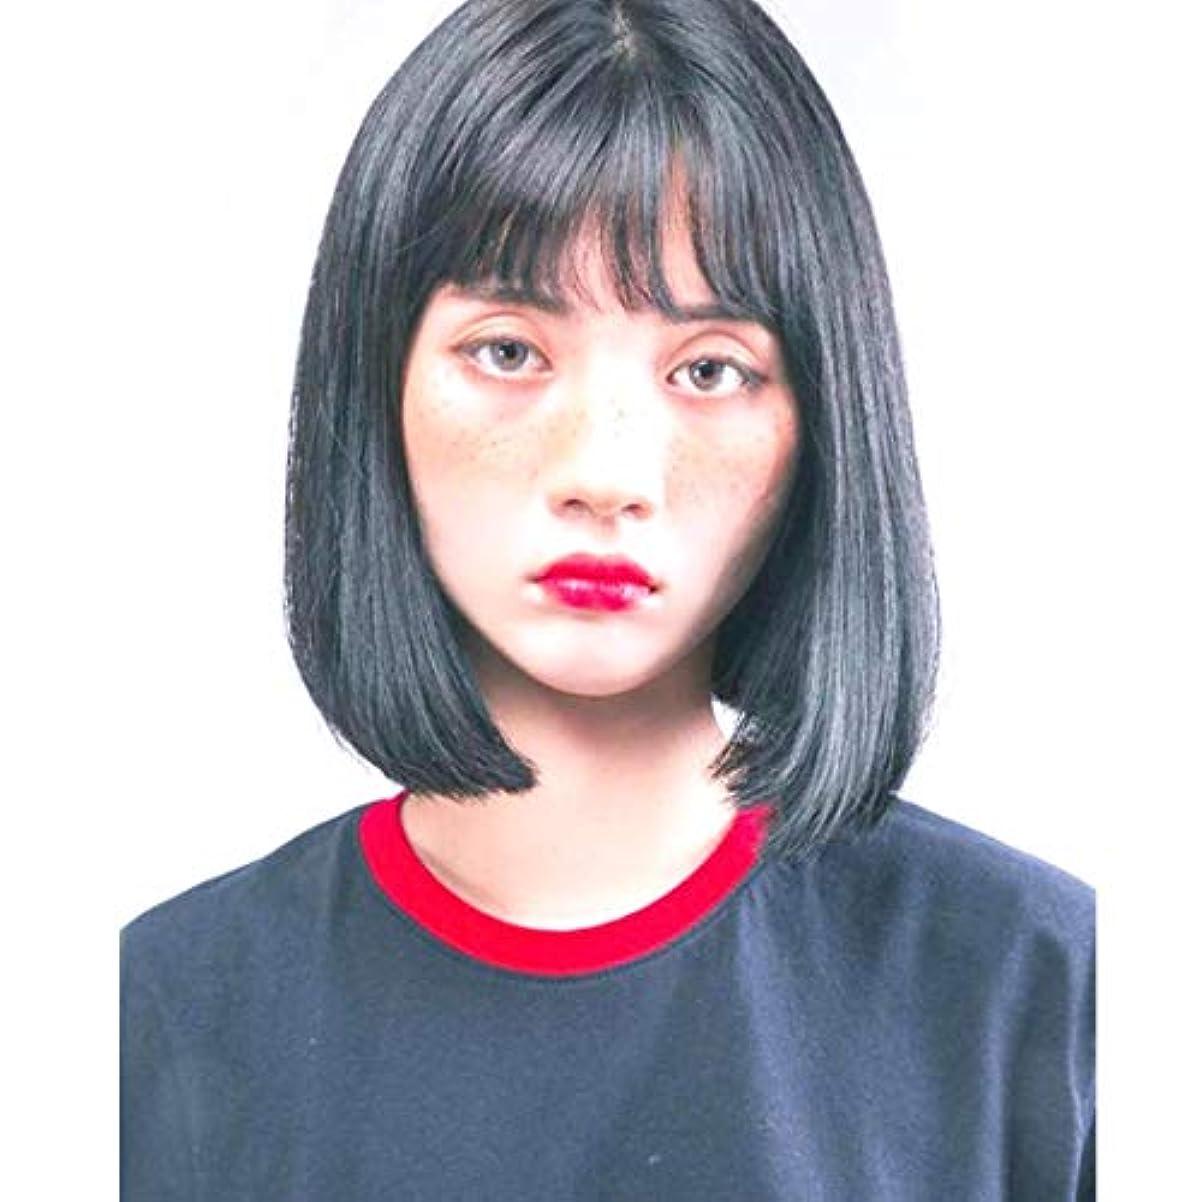 食欲姪スラム街Kerwinner ボブウィッグショートストレート人工毛髪前髪自然に見える女性用耐熱性